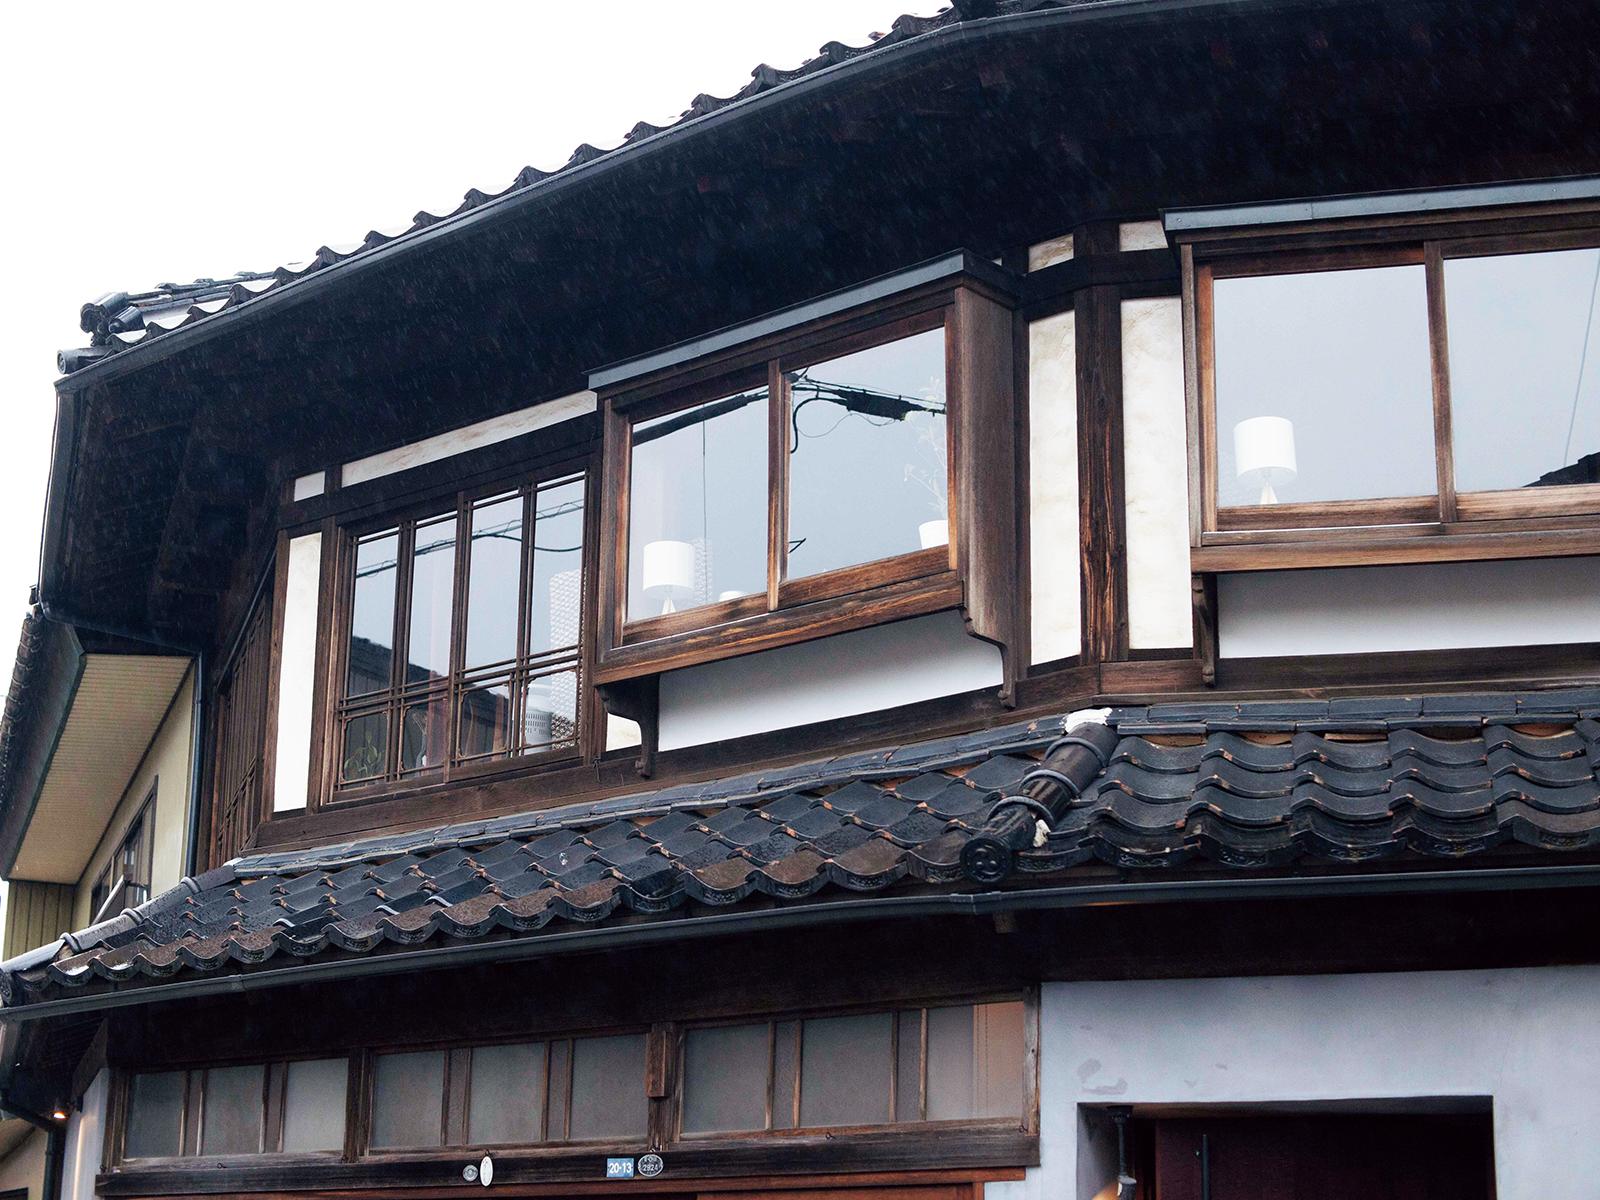 木製の窓枠がノスタルジックを誘う。内川の町並みを見渡すお気に入りの座席。